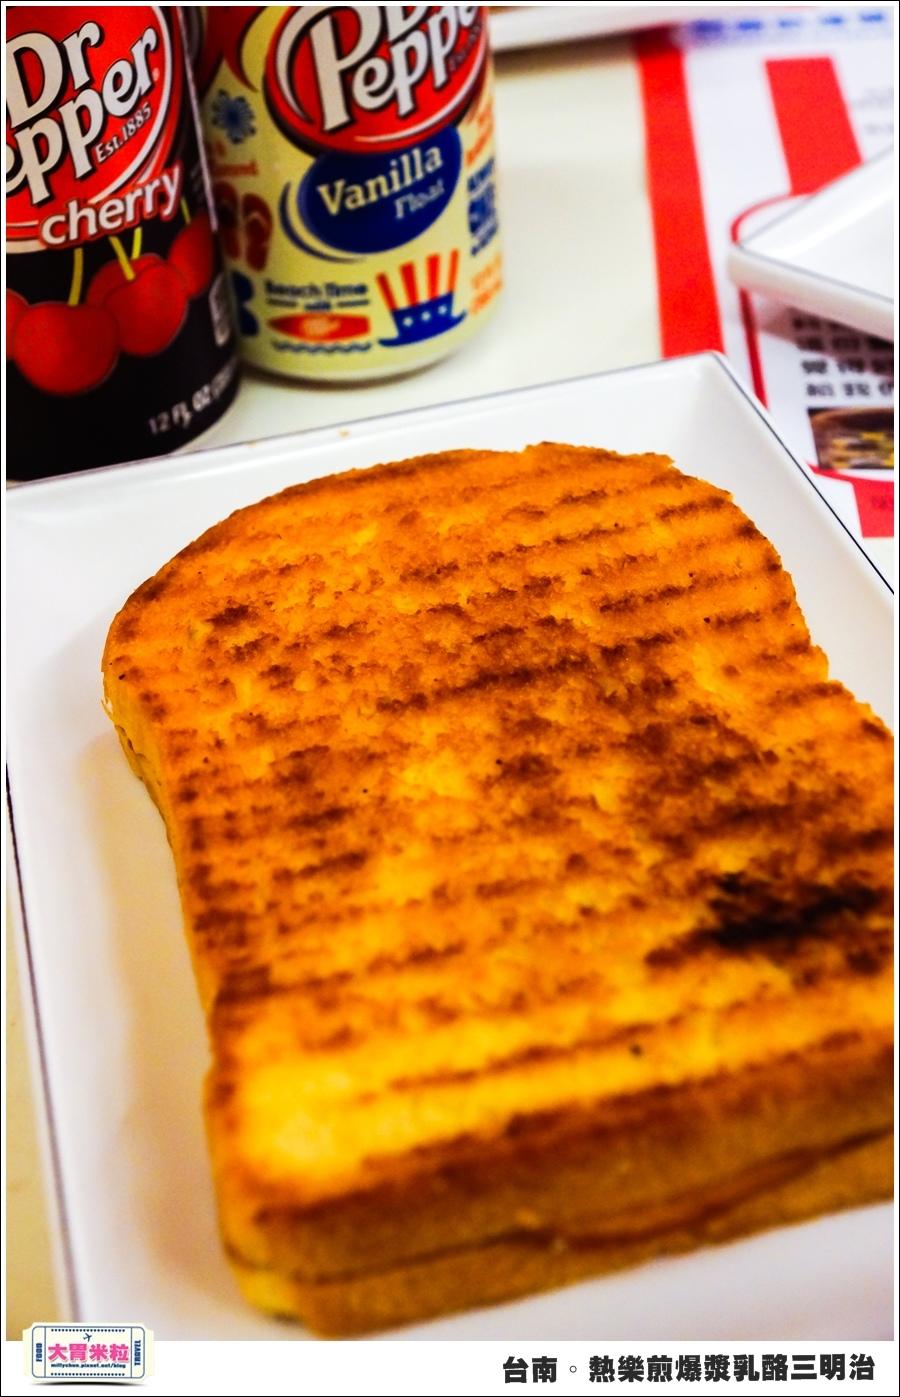 台南國華街美食@熱樂煎爆漿乳酪三明治@大胃米粒0036.jpg